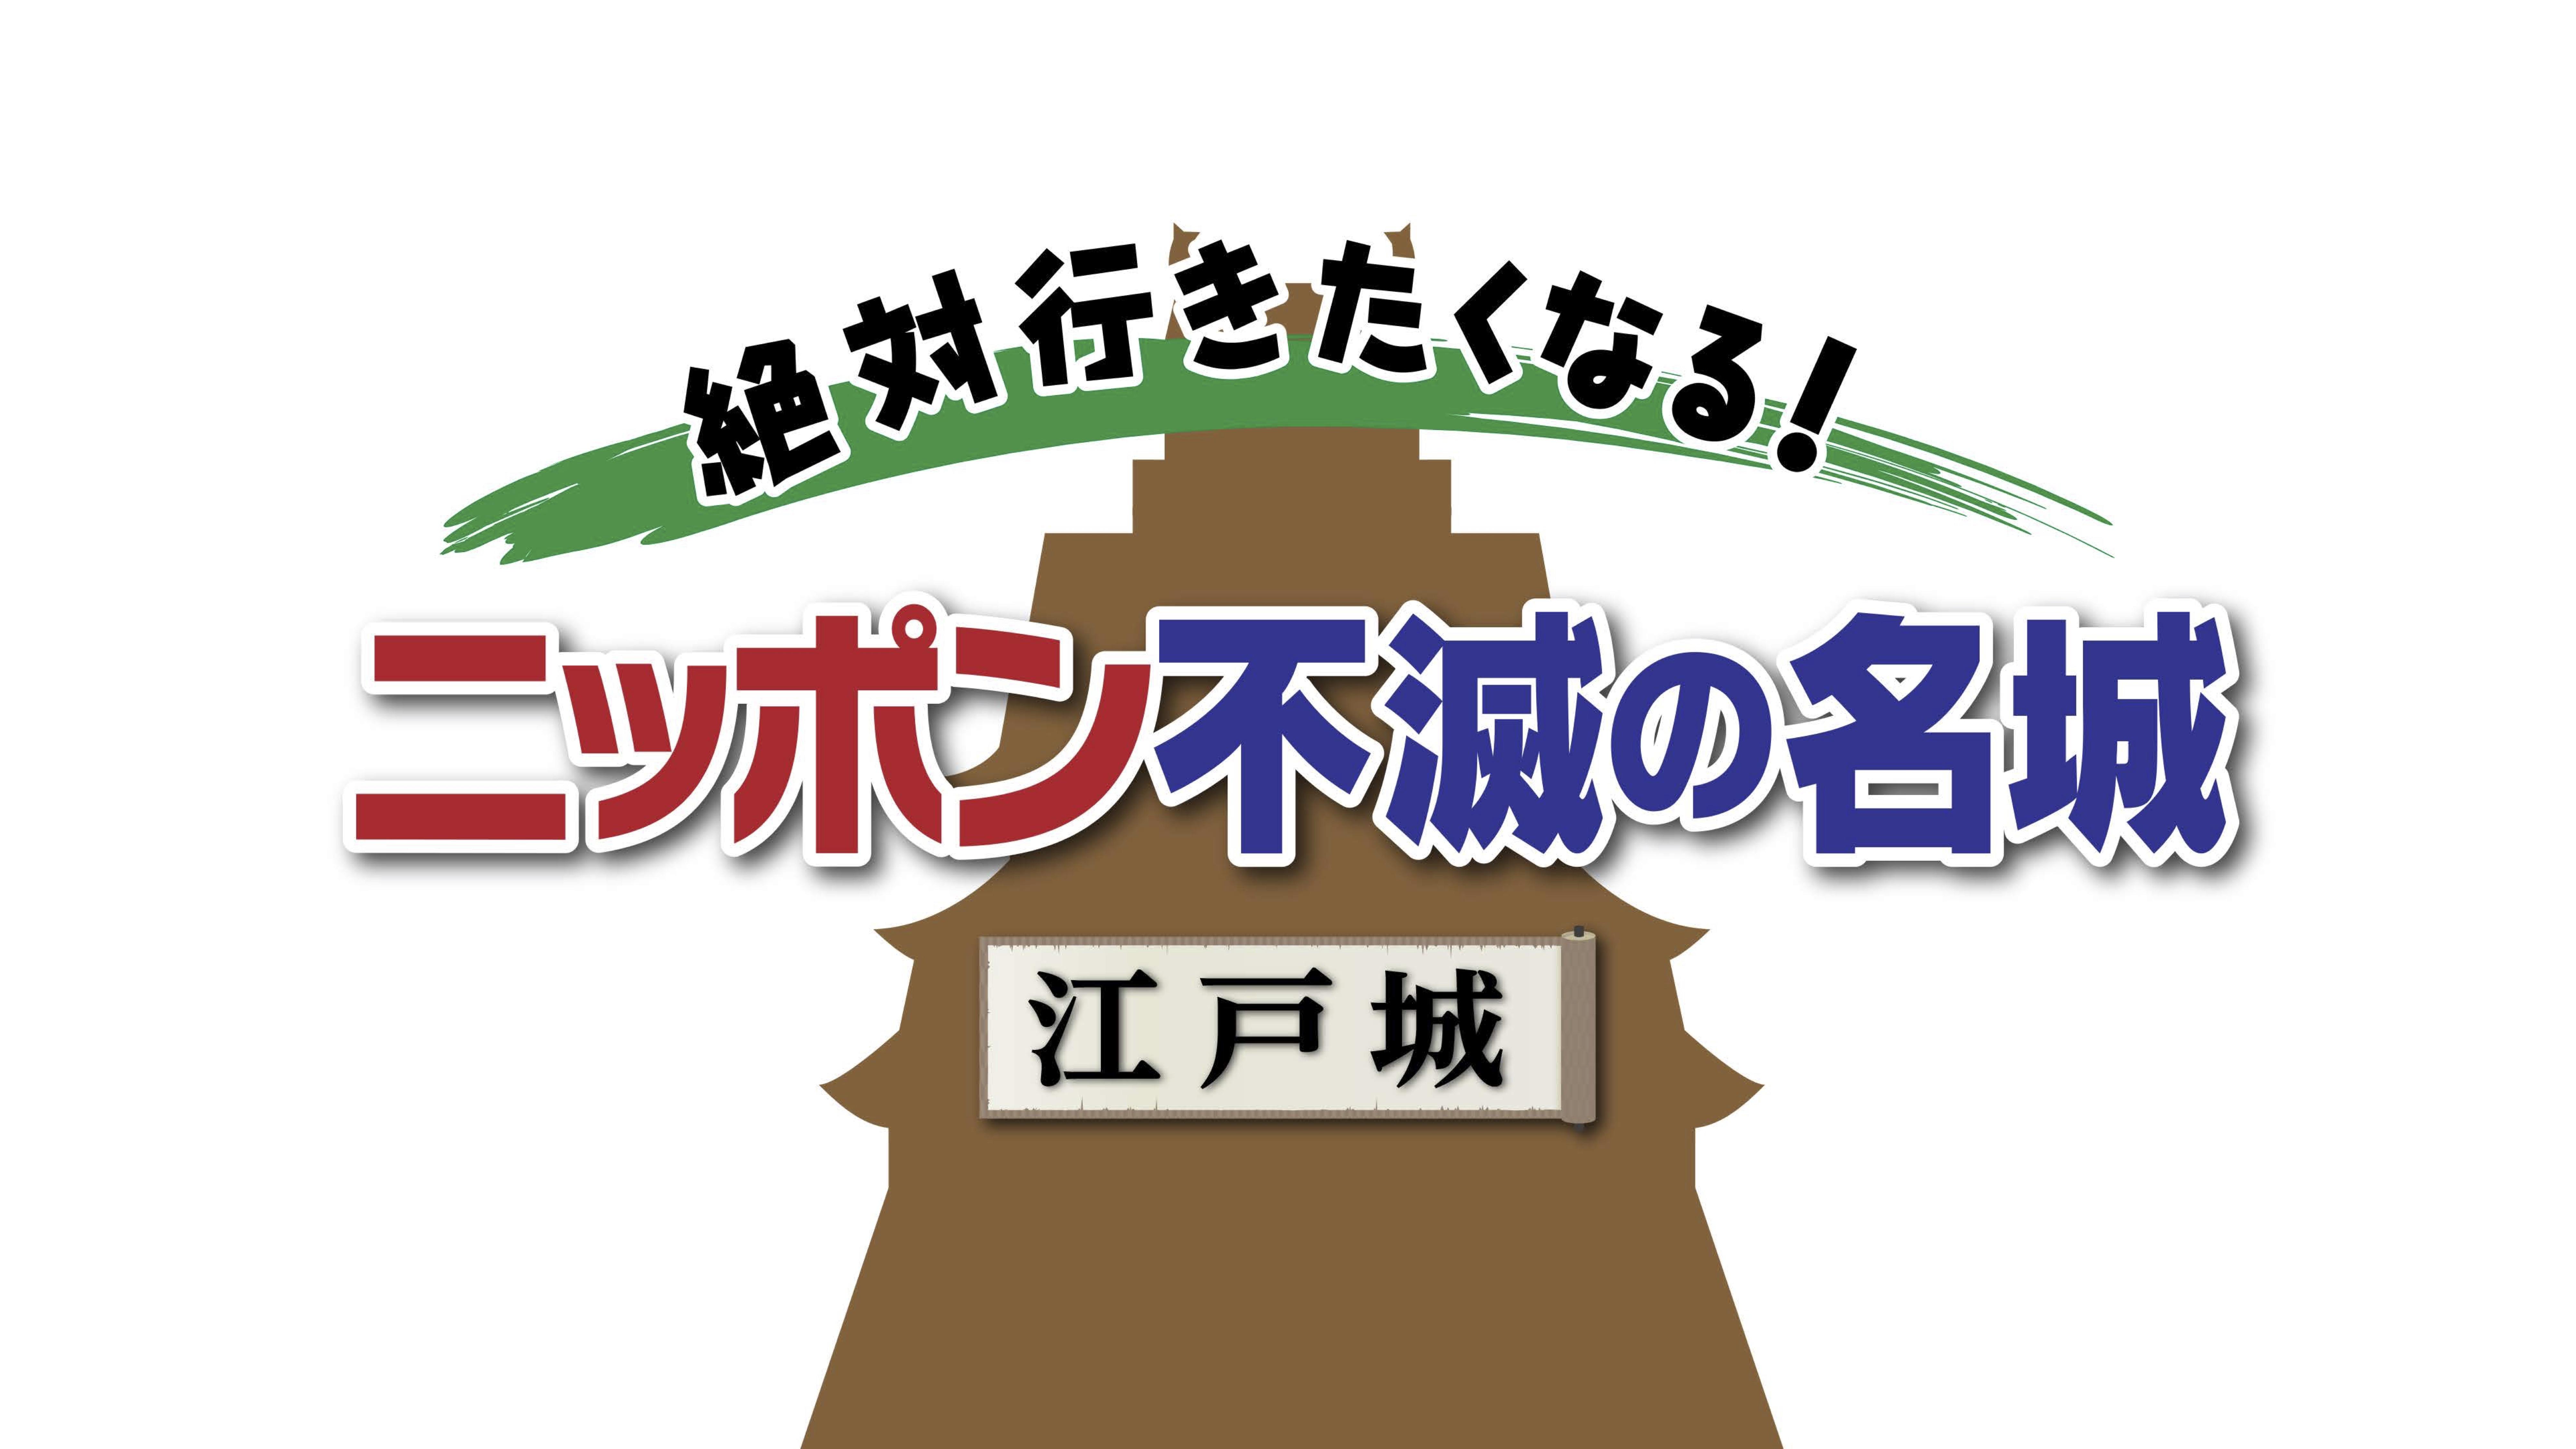 絶対行きたくなる!ニッポン不滅の名城「江戸城」